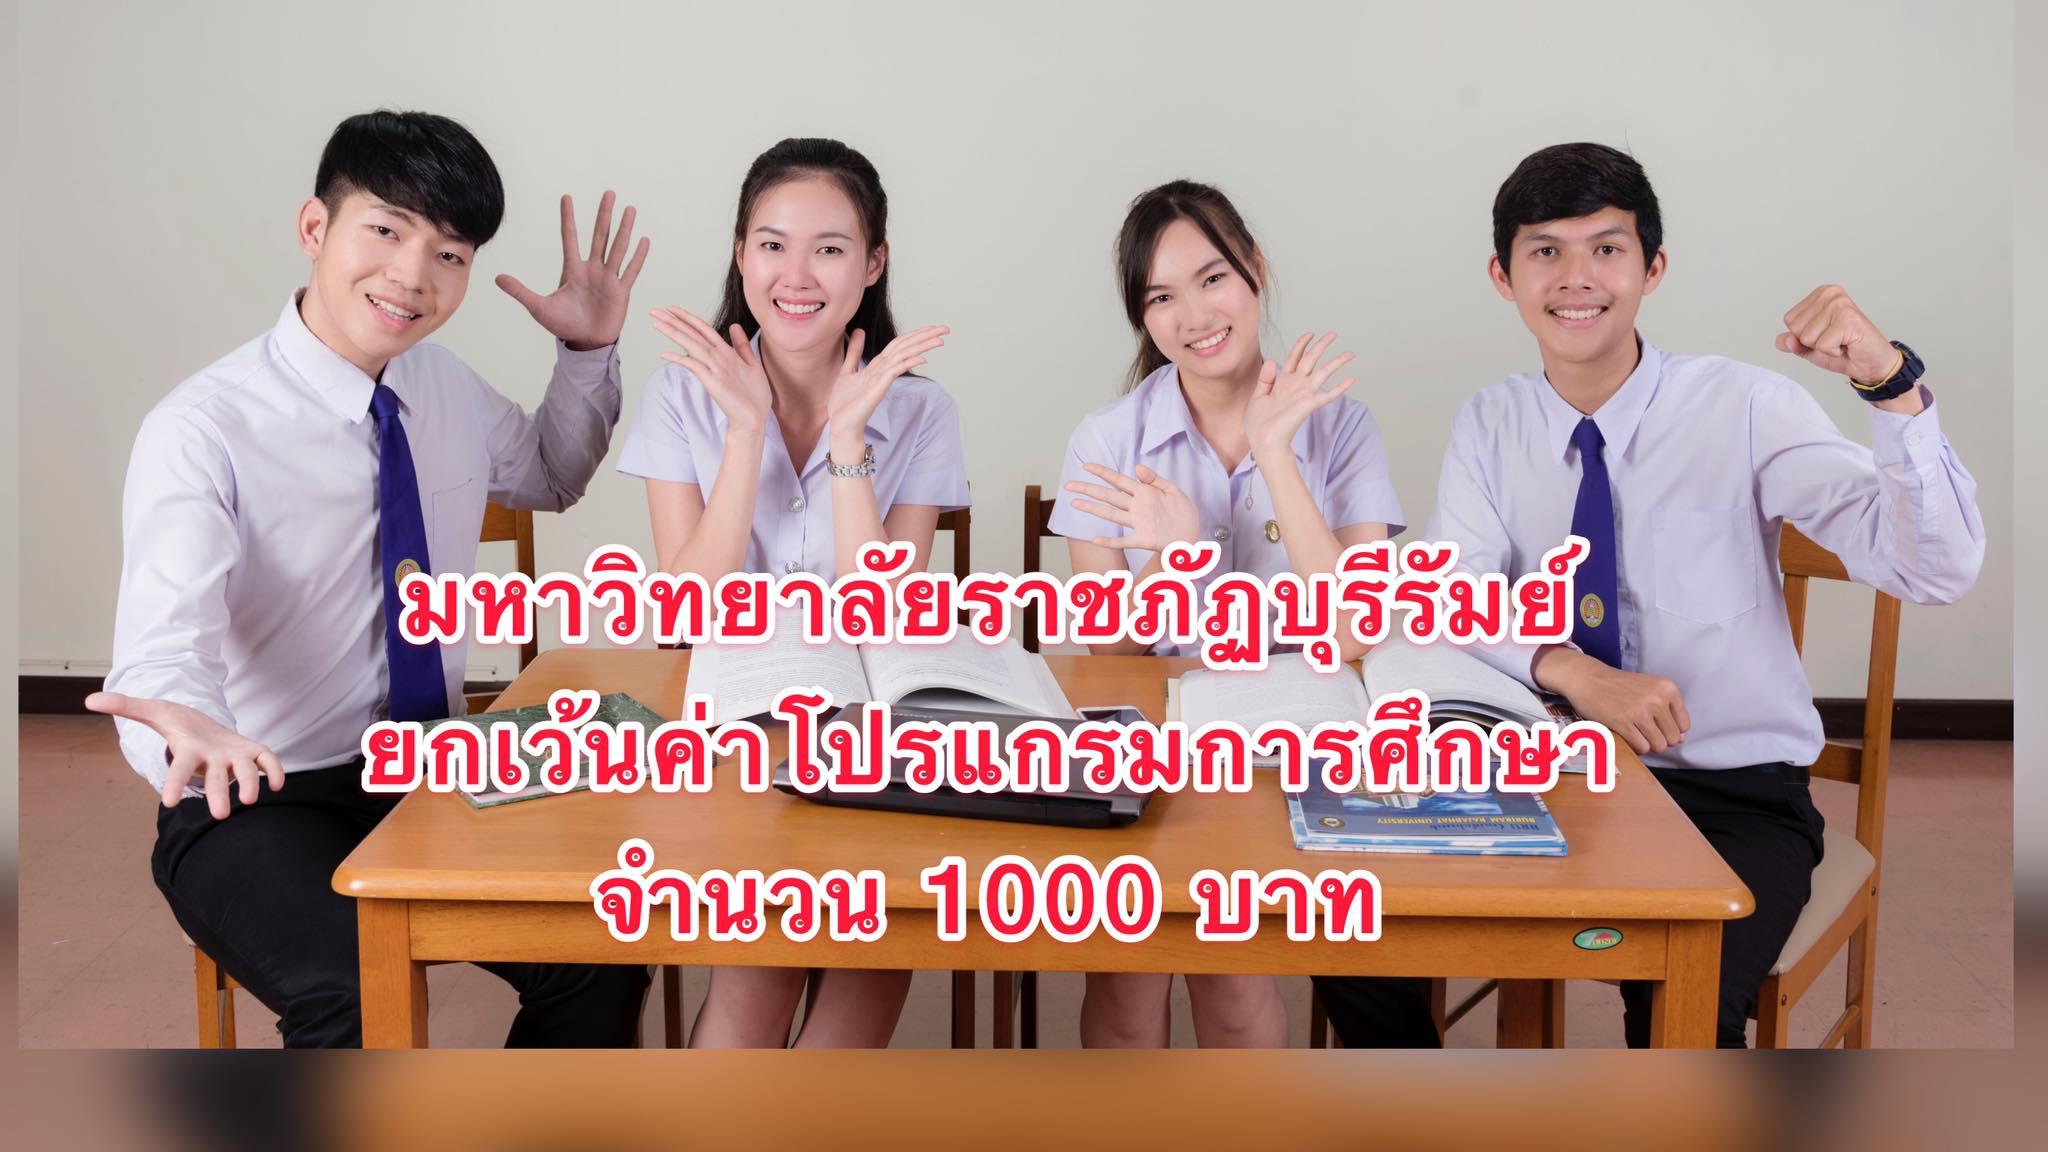 ยกเว้นค่าโปรแกรมการศึกษาจำนวน 1000 บาท และผ่อนผันการชำระค่าบำรุงการศึกษาของนักศึกษาภาคปกติ ระดับปริญญาตรี 2/2563